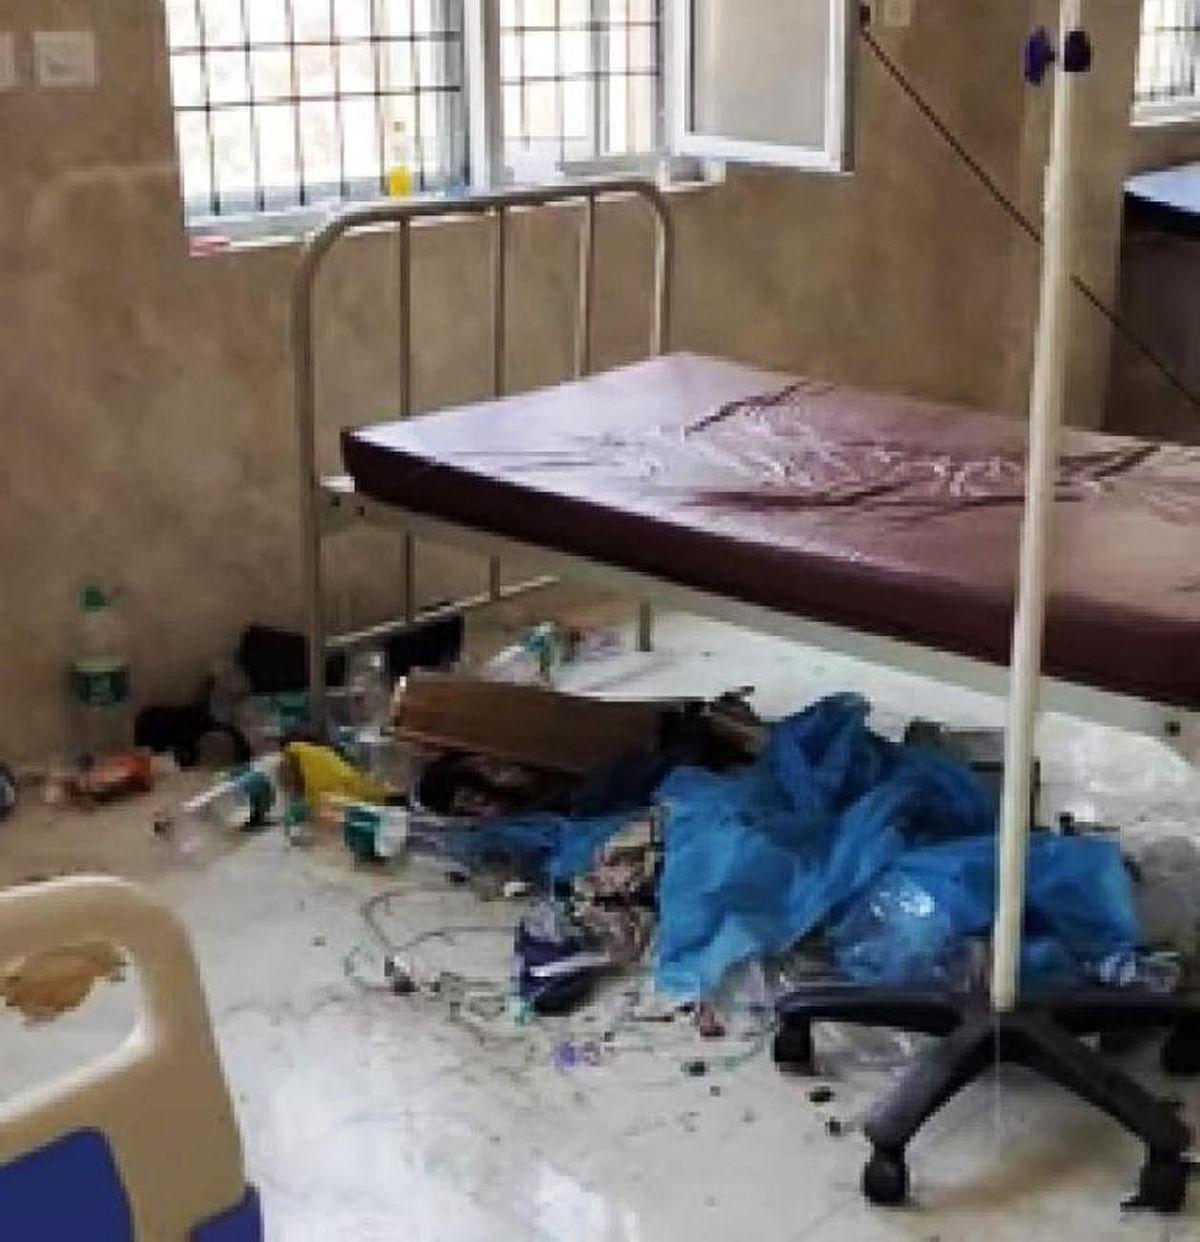 चित्रकूट : कोरोना के साथ गन्दगी बनी जान की दुश्मन,अस्पतालों की स्थिति भयावह